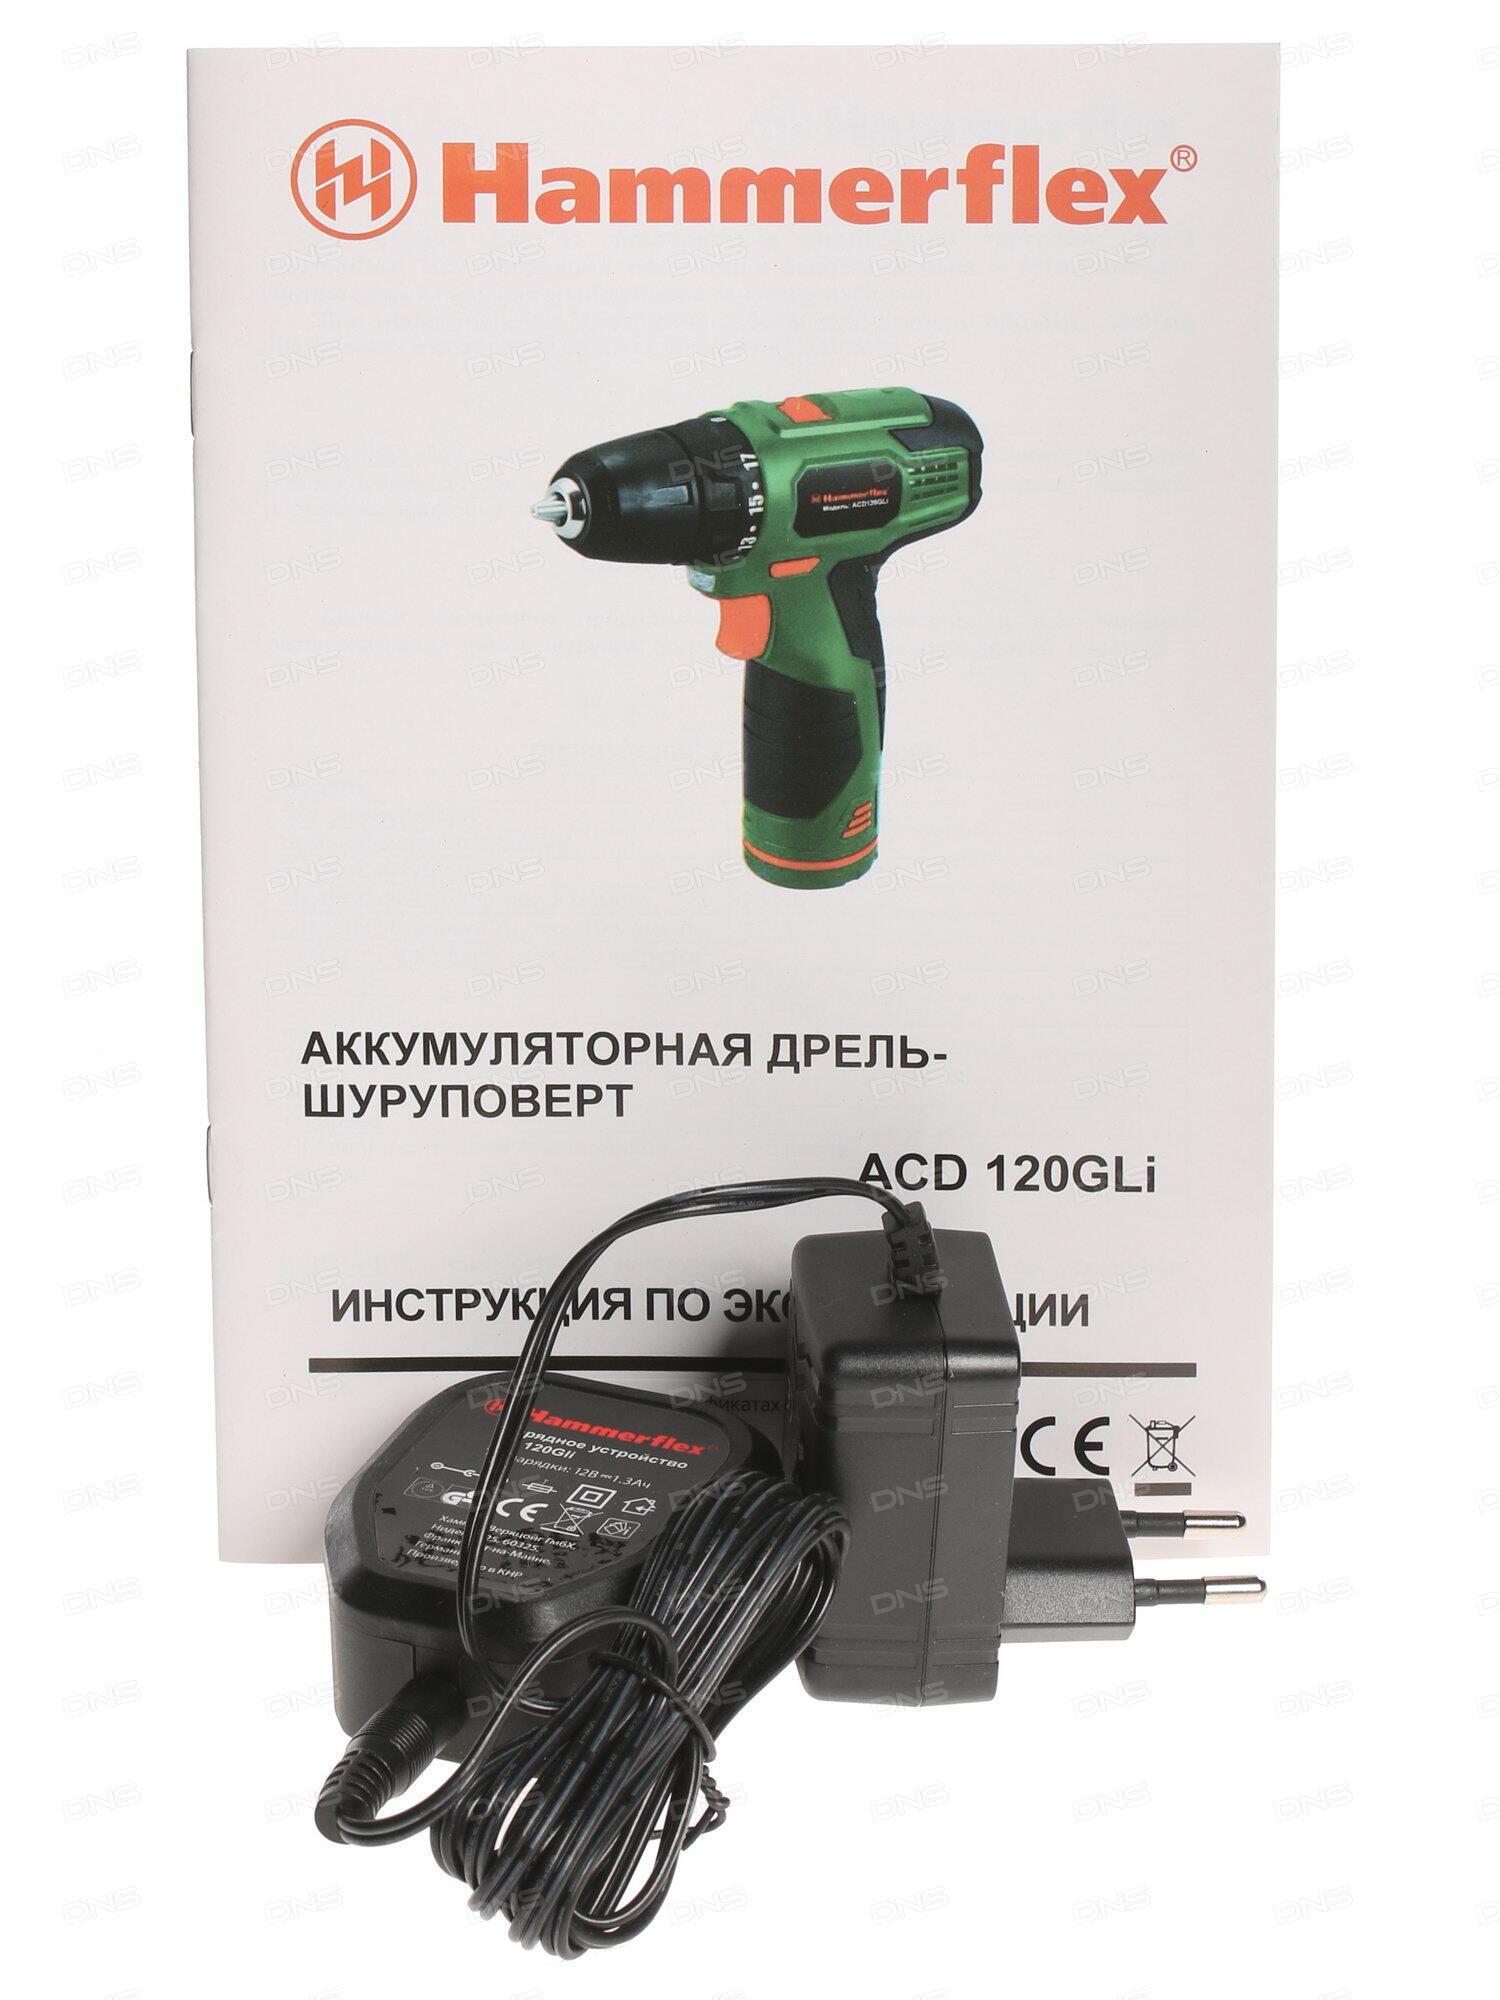 дрель шуруповерт электрическая купить в москве